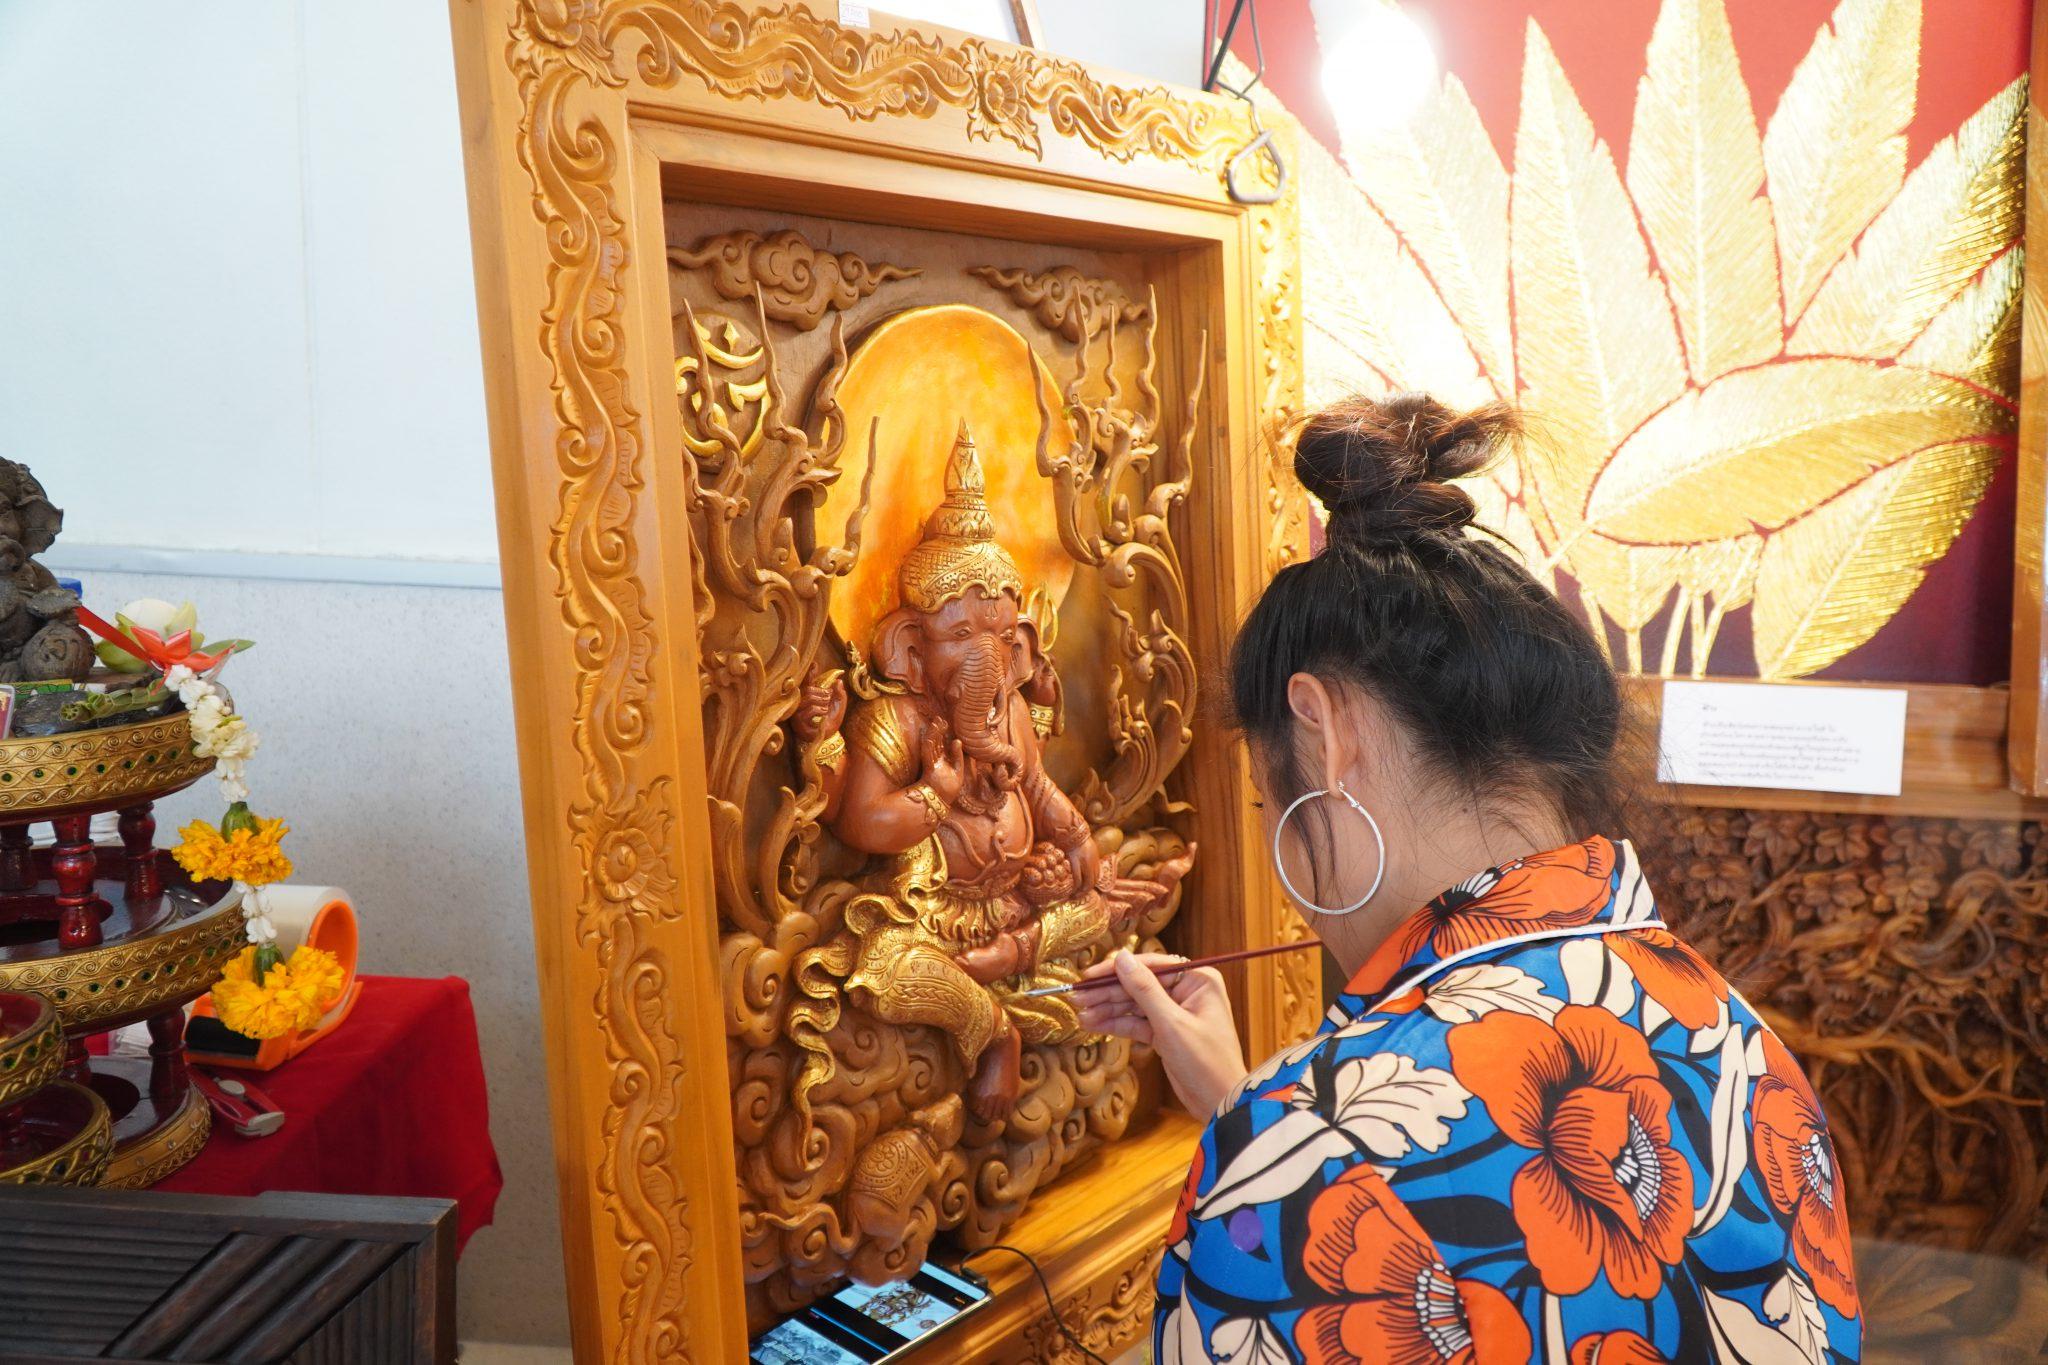 ภายในงานยังมีงานศิลปะระดับOTOP 5 ดาว ที่สร้างชื่อเสียงให้กับประเทศไทยให้ได้ซื้อและรับชม